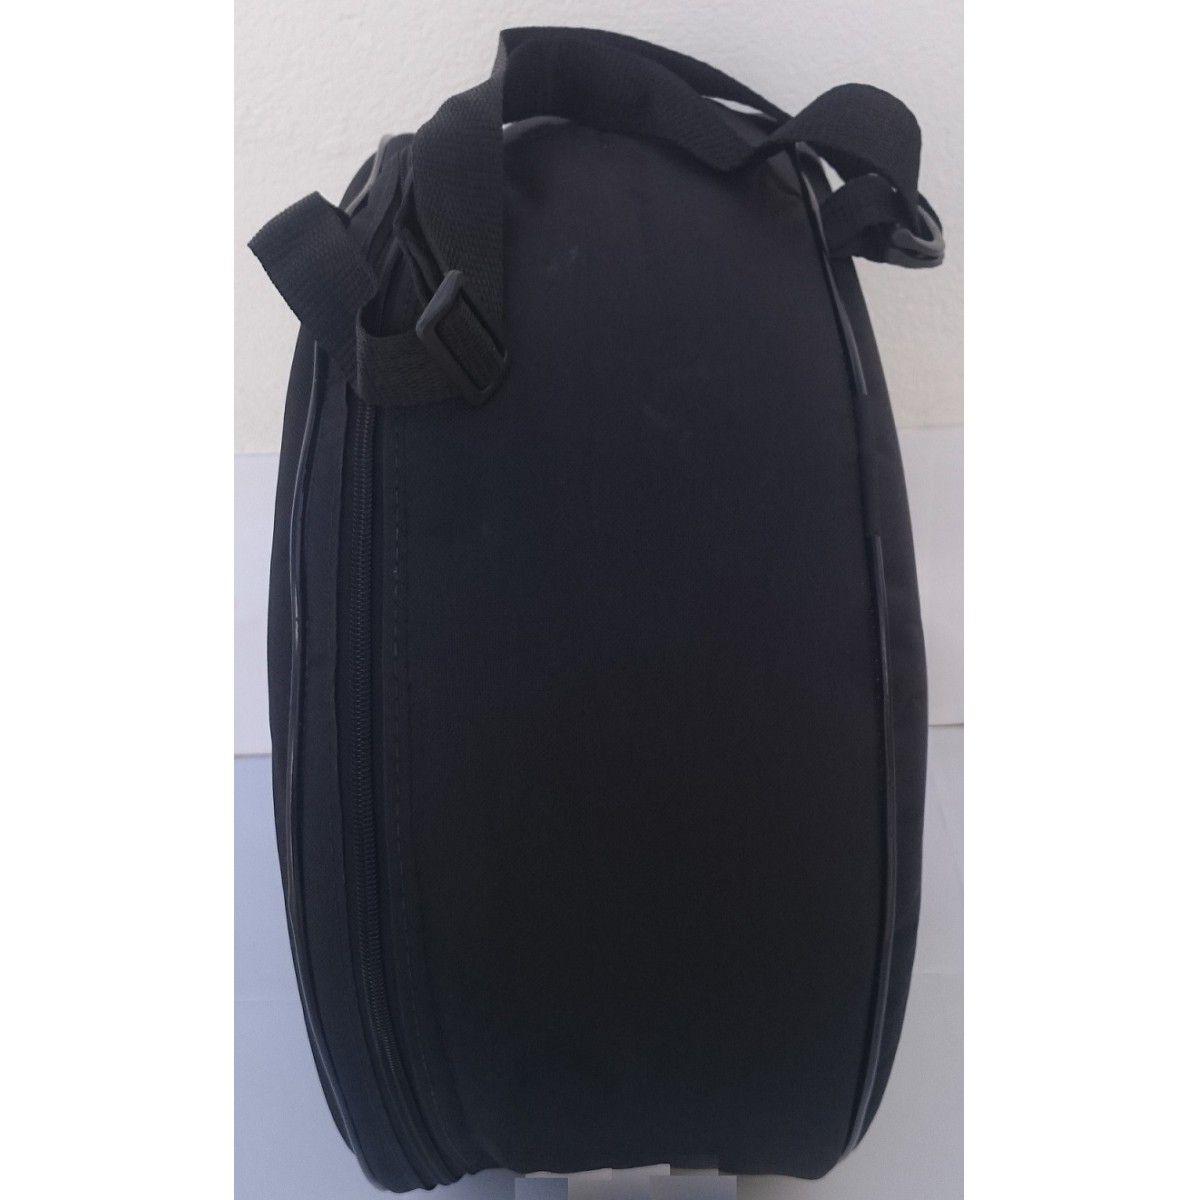 """kit com 3 bag extra luxo para caixa 14"""" x 18cm"""